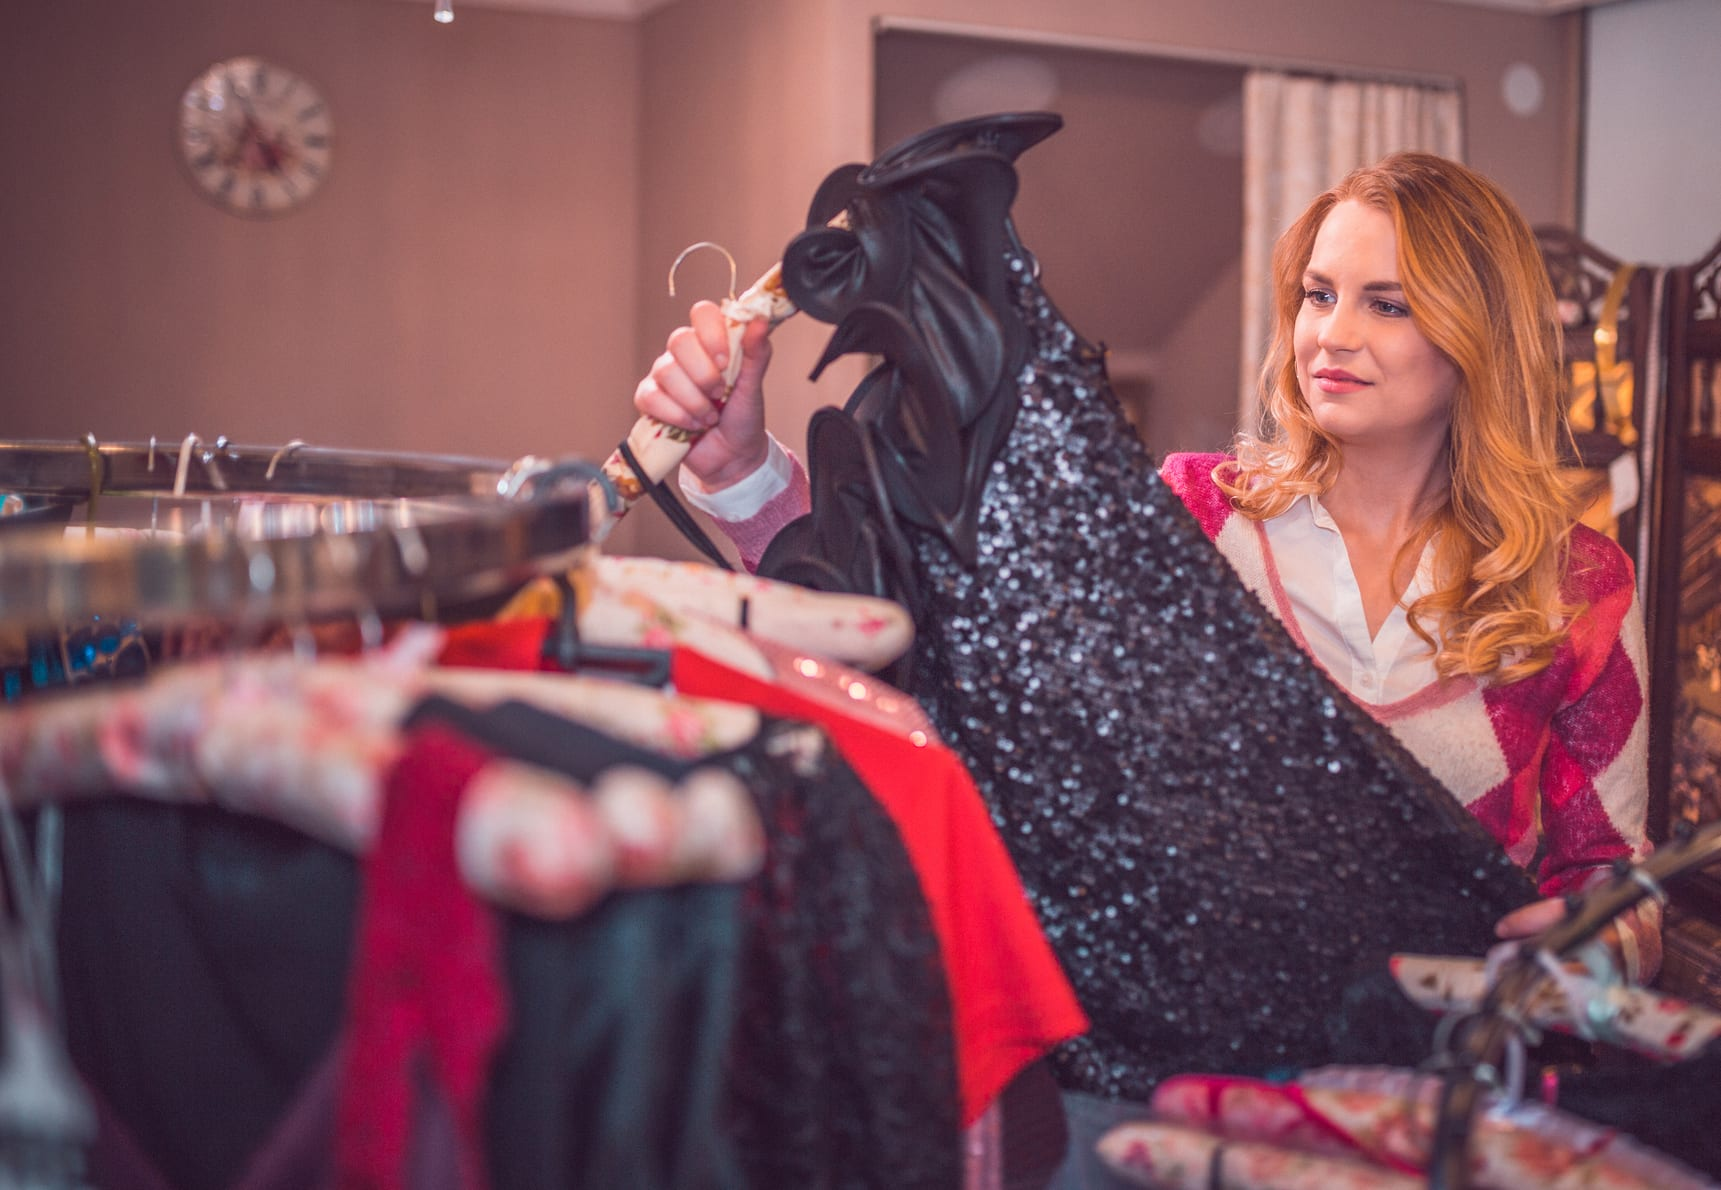 woman renting formalwear